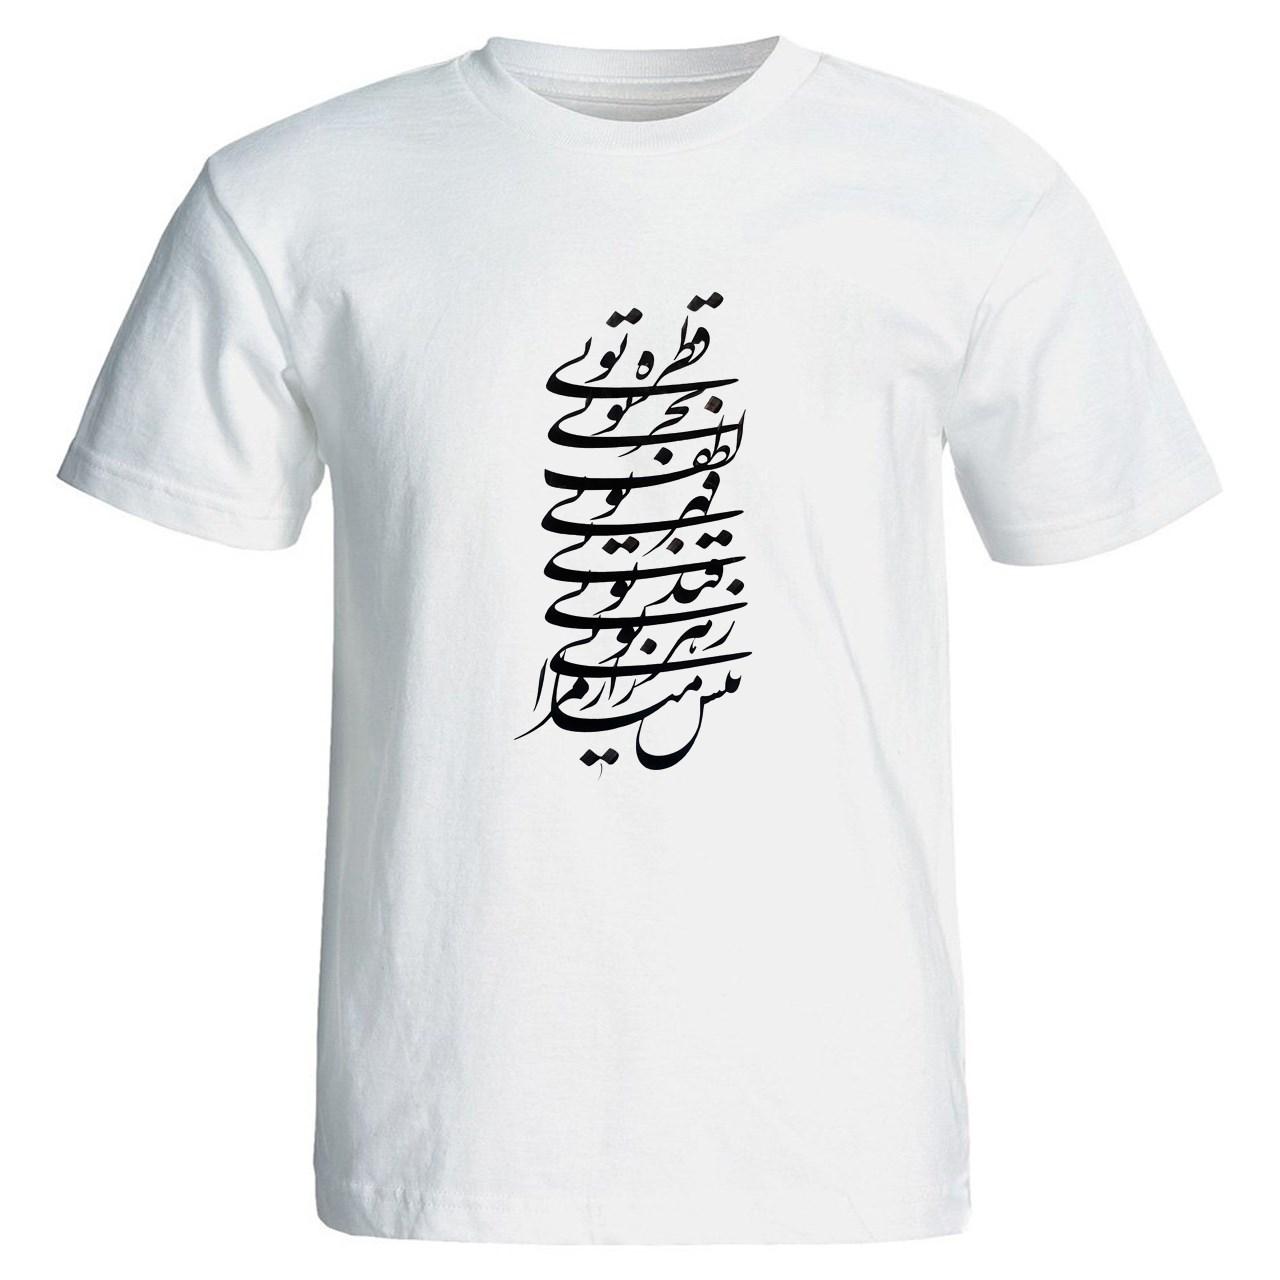 عکس تی شرت نگار ایرانی طرح J5